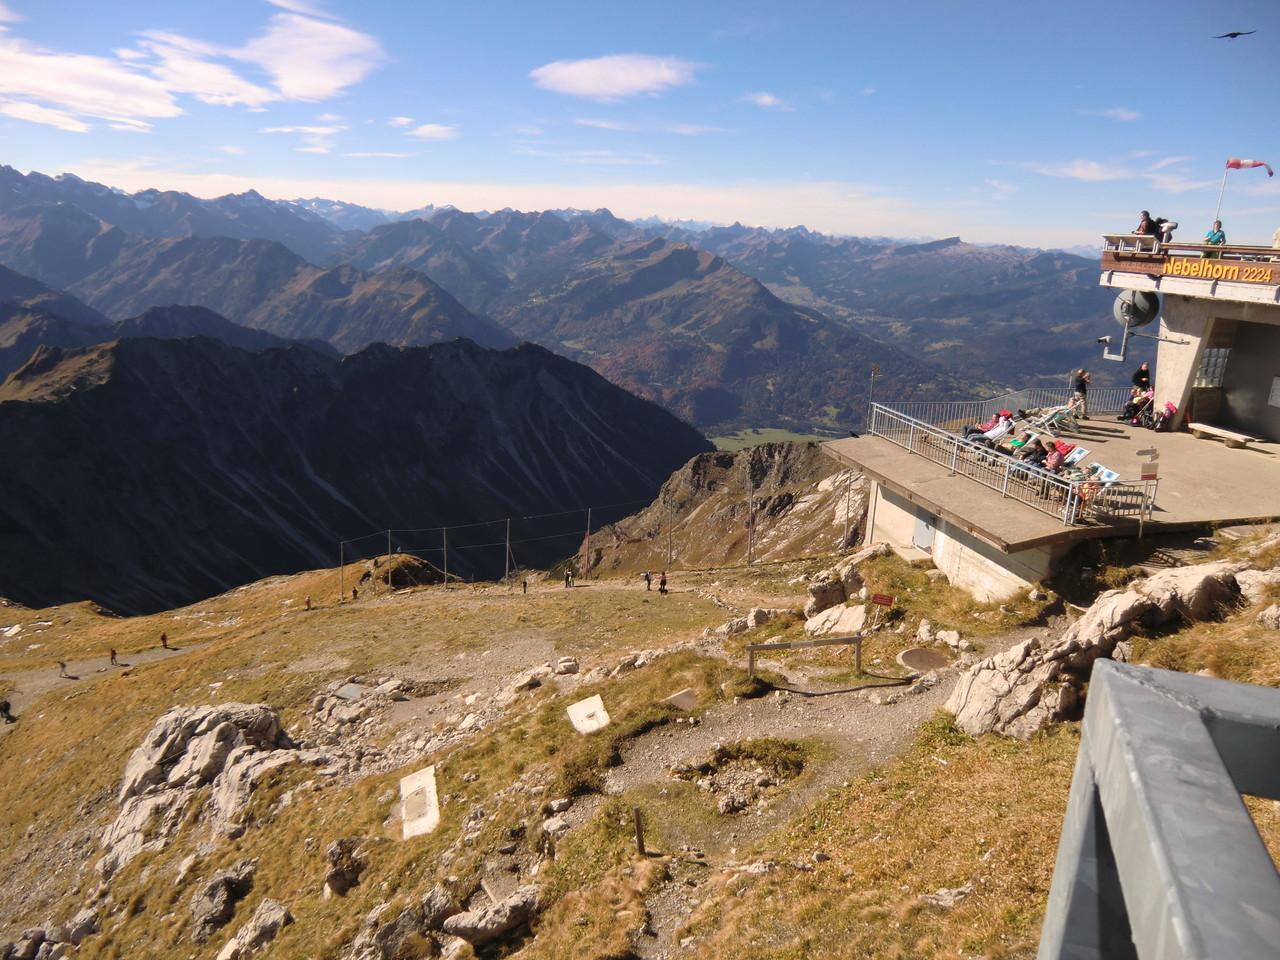 auf der Terrasse der Nebelhorngaststätte